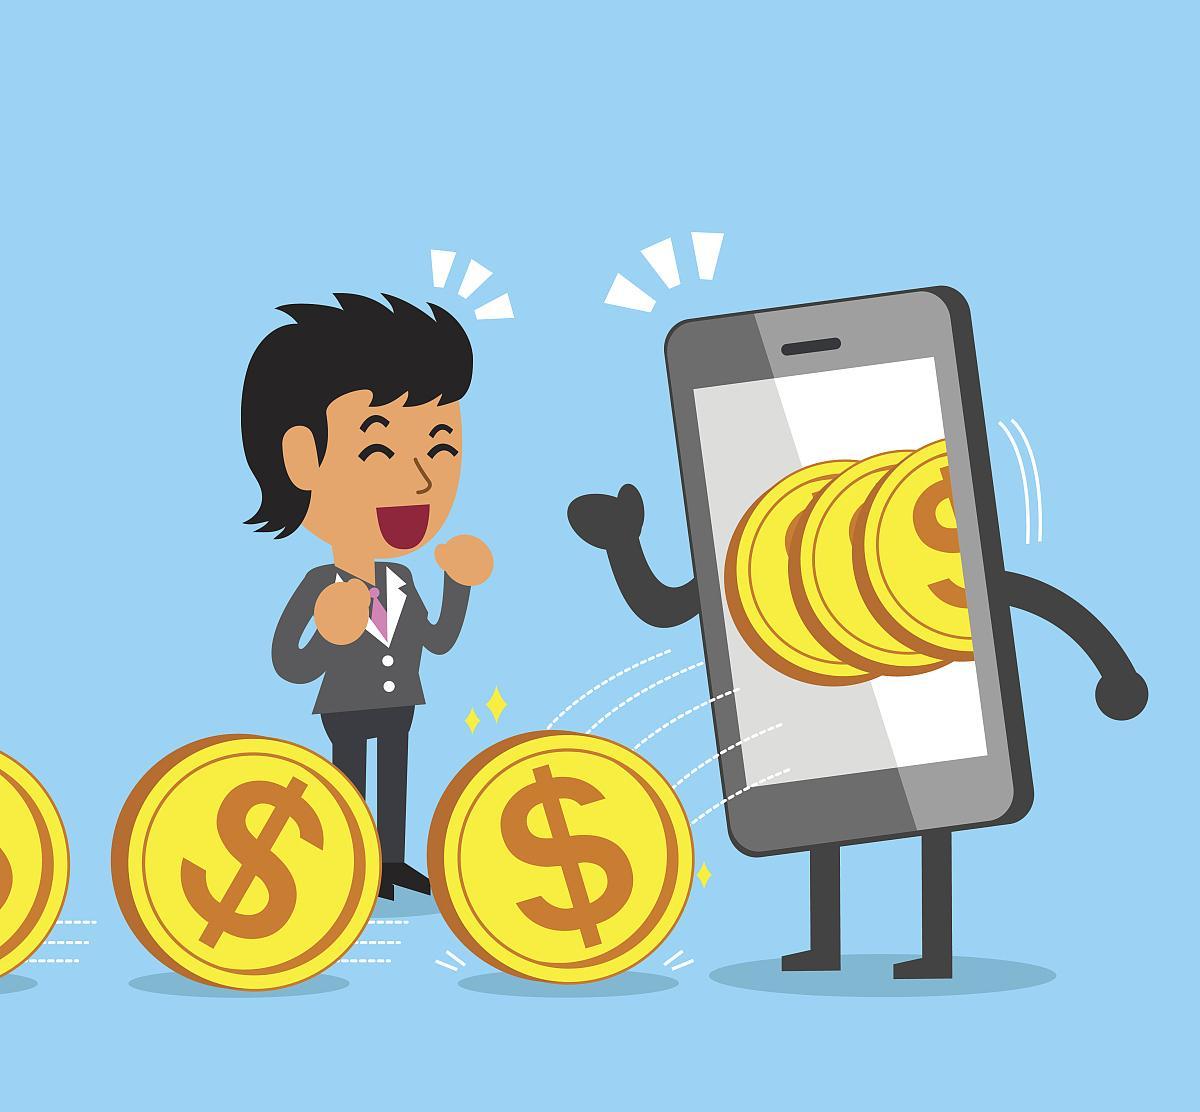 手机上怎么赚钱啊正规(最值推荐的4个赚钱副业)